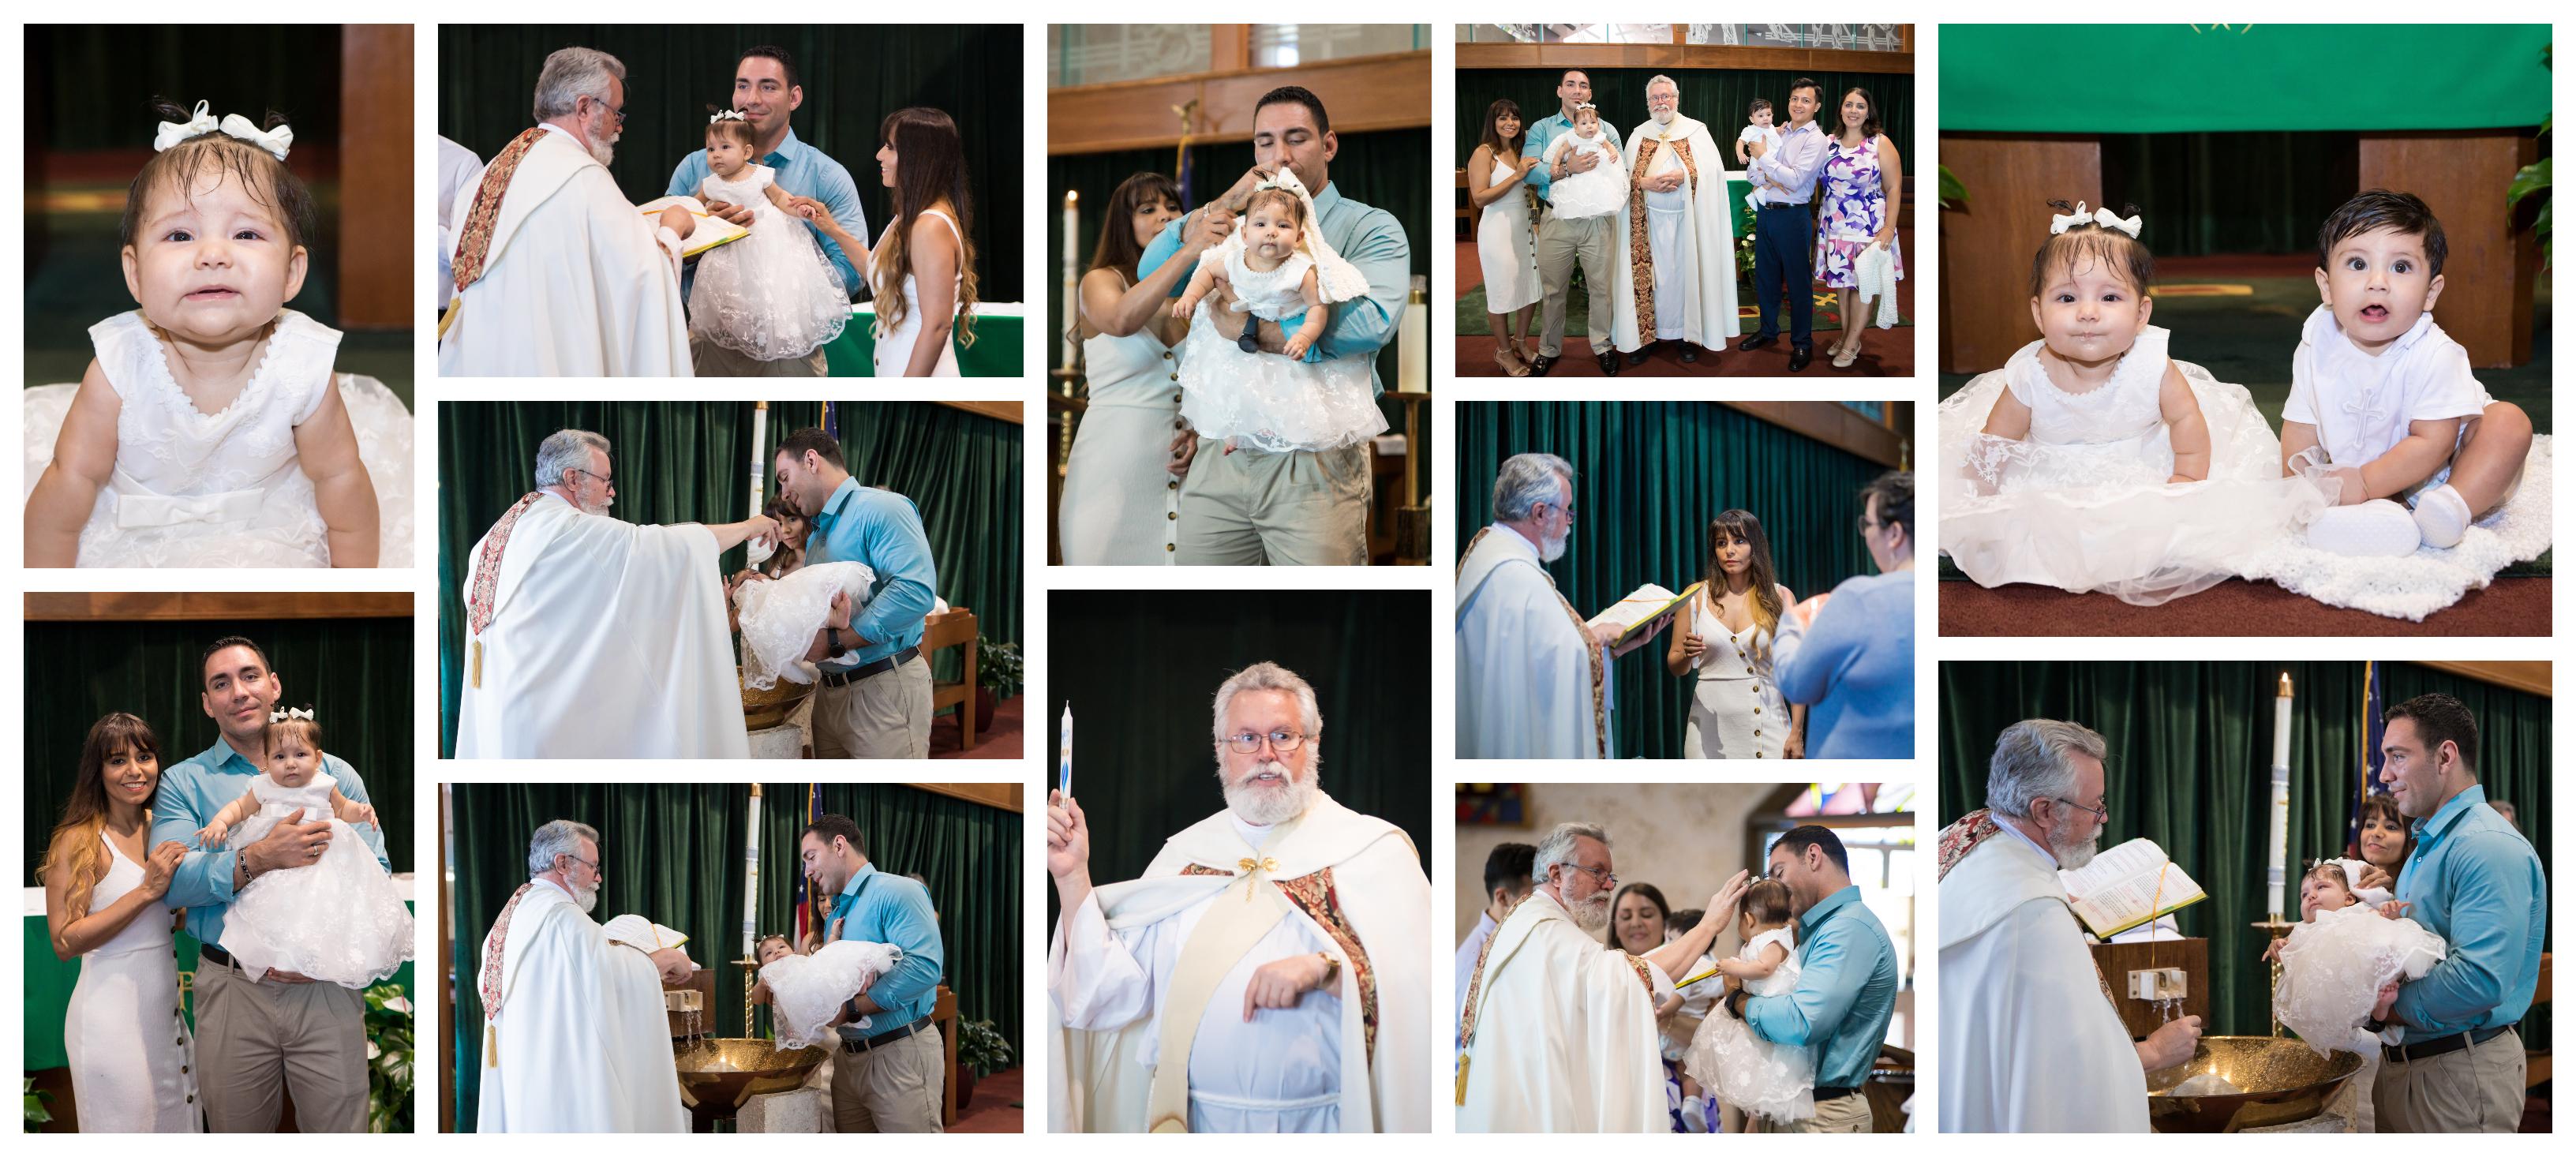 rose baptism